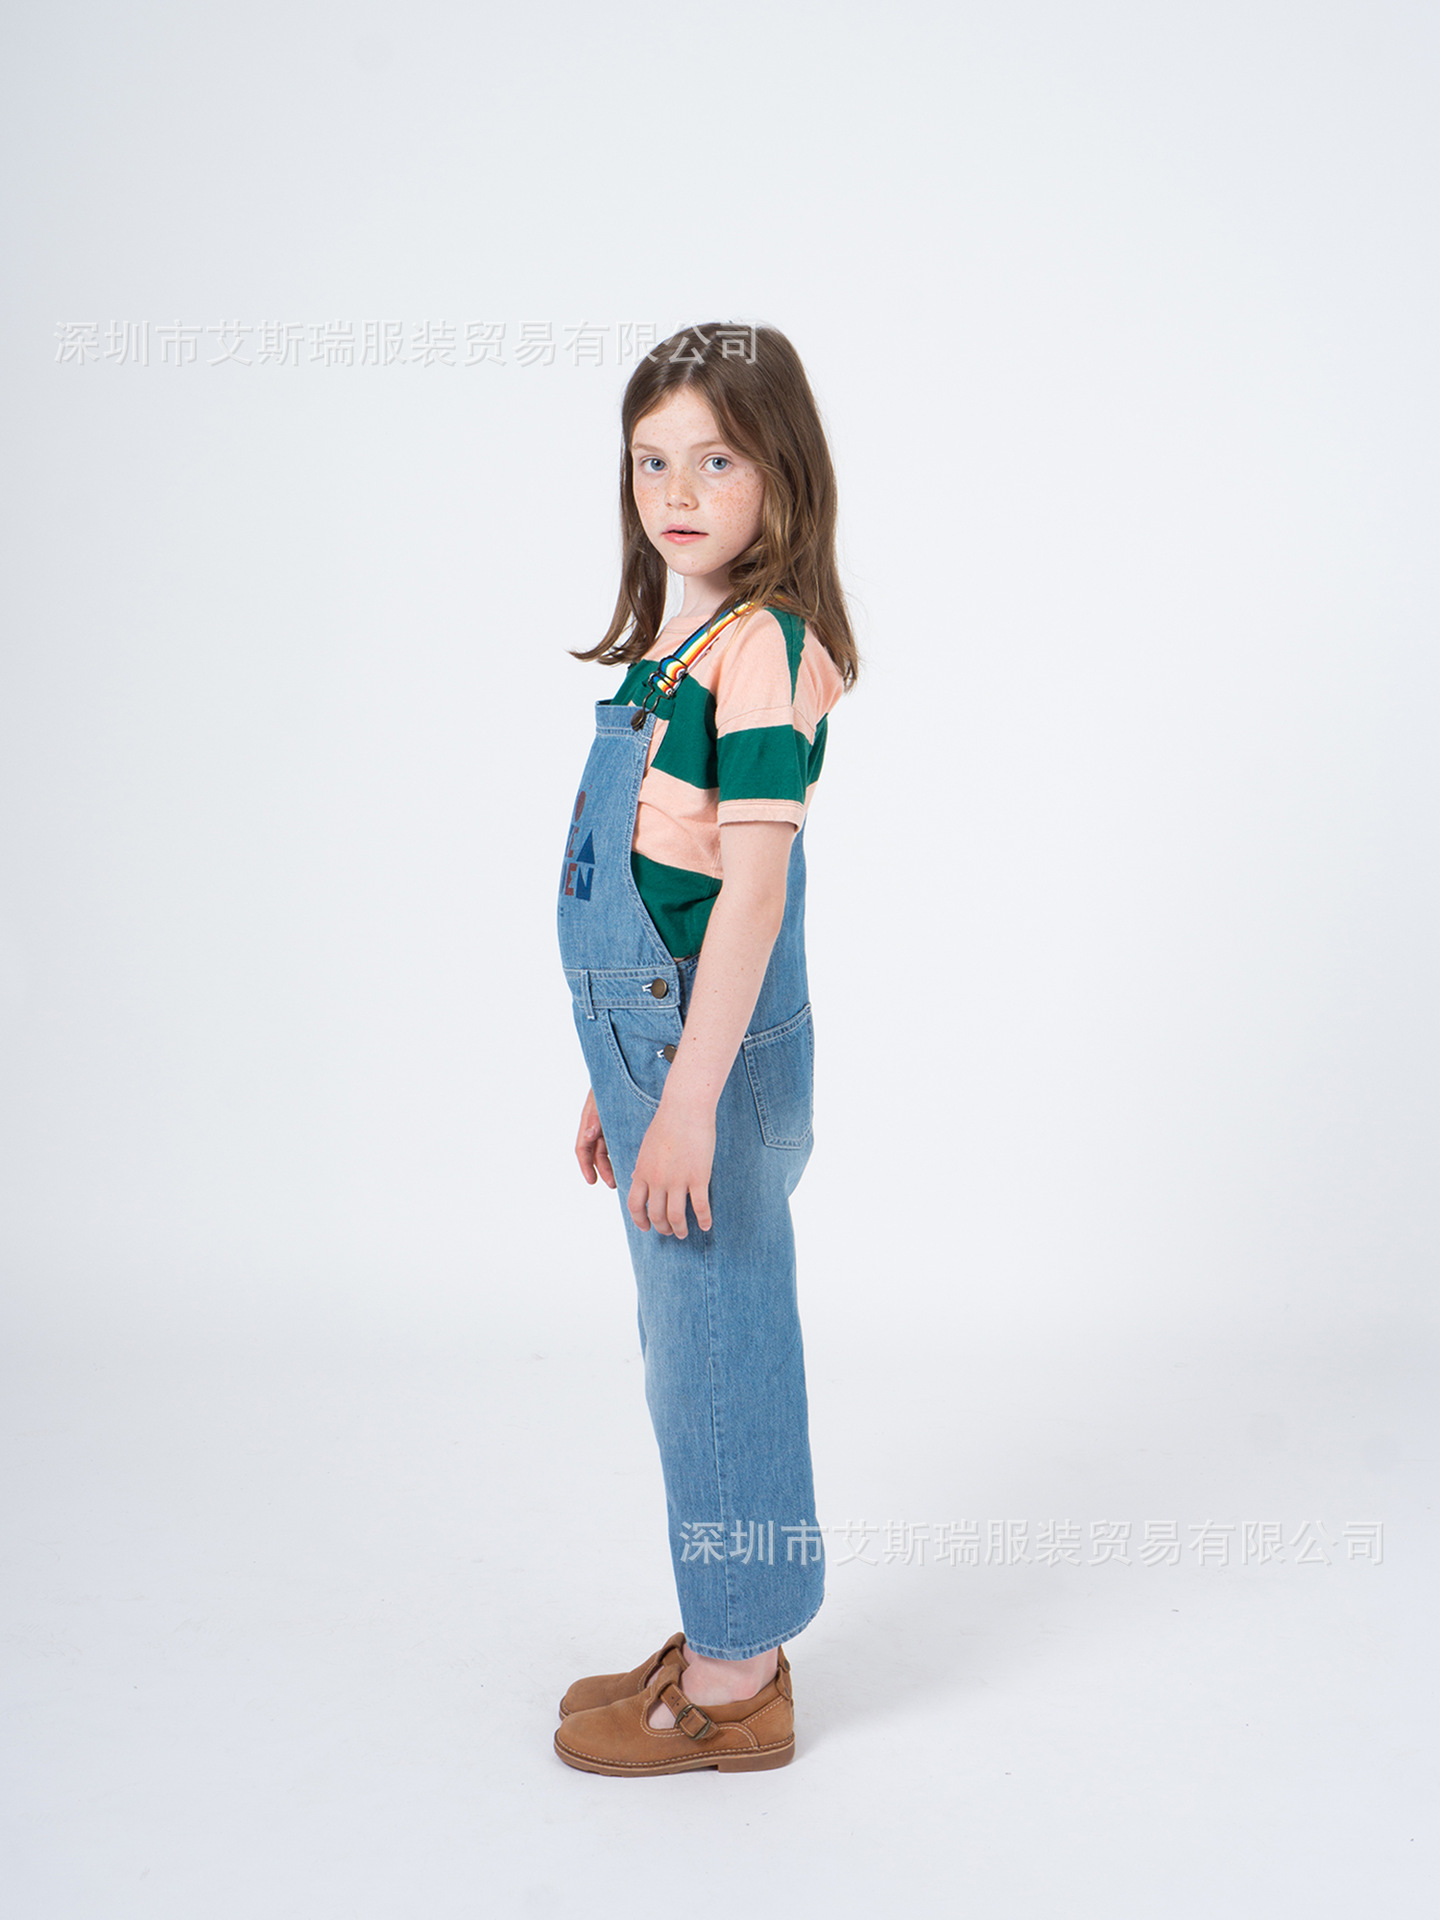 Vêtement pour bébés - Ref 3298934 Image 16